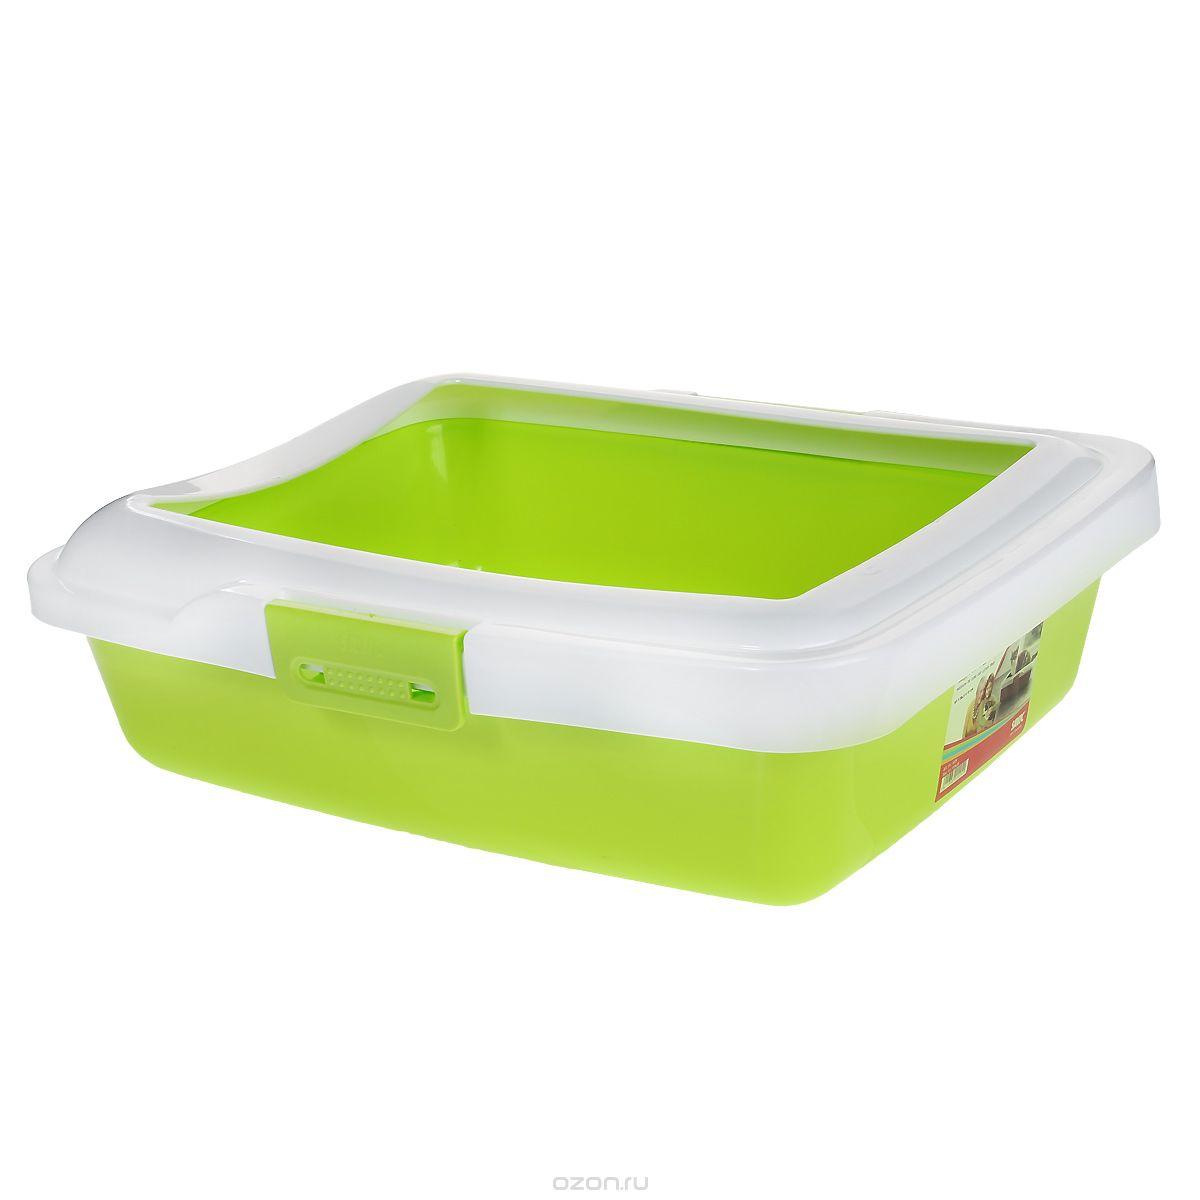 Туалет для кошек Savic Aristos Large, с бортом, цвет: салатовый, белый, 49,5 см х 39,5 см х 15 см0120710Туалет для кошек Savic Aristos Large изготовлен из качественного прочного пластика. Высокий борт, прикрепленный по периметру лотка замками, удобно защелкивается и предотвращает разбрасывание наполнителя. Это простой и удобный в использовании предмет обихода для кошек и котов.